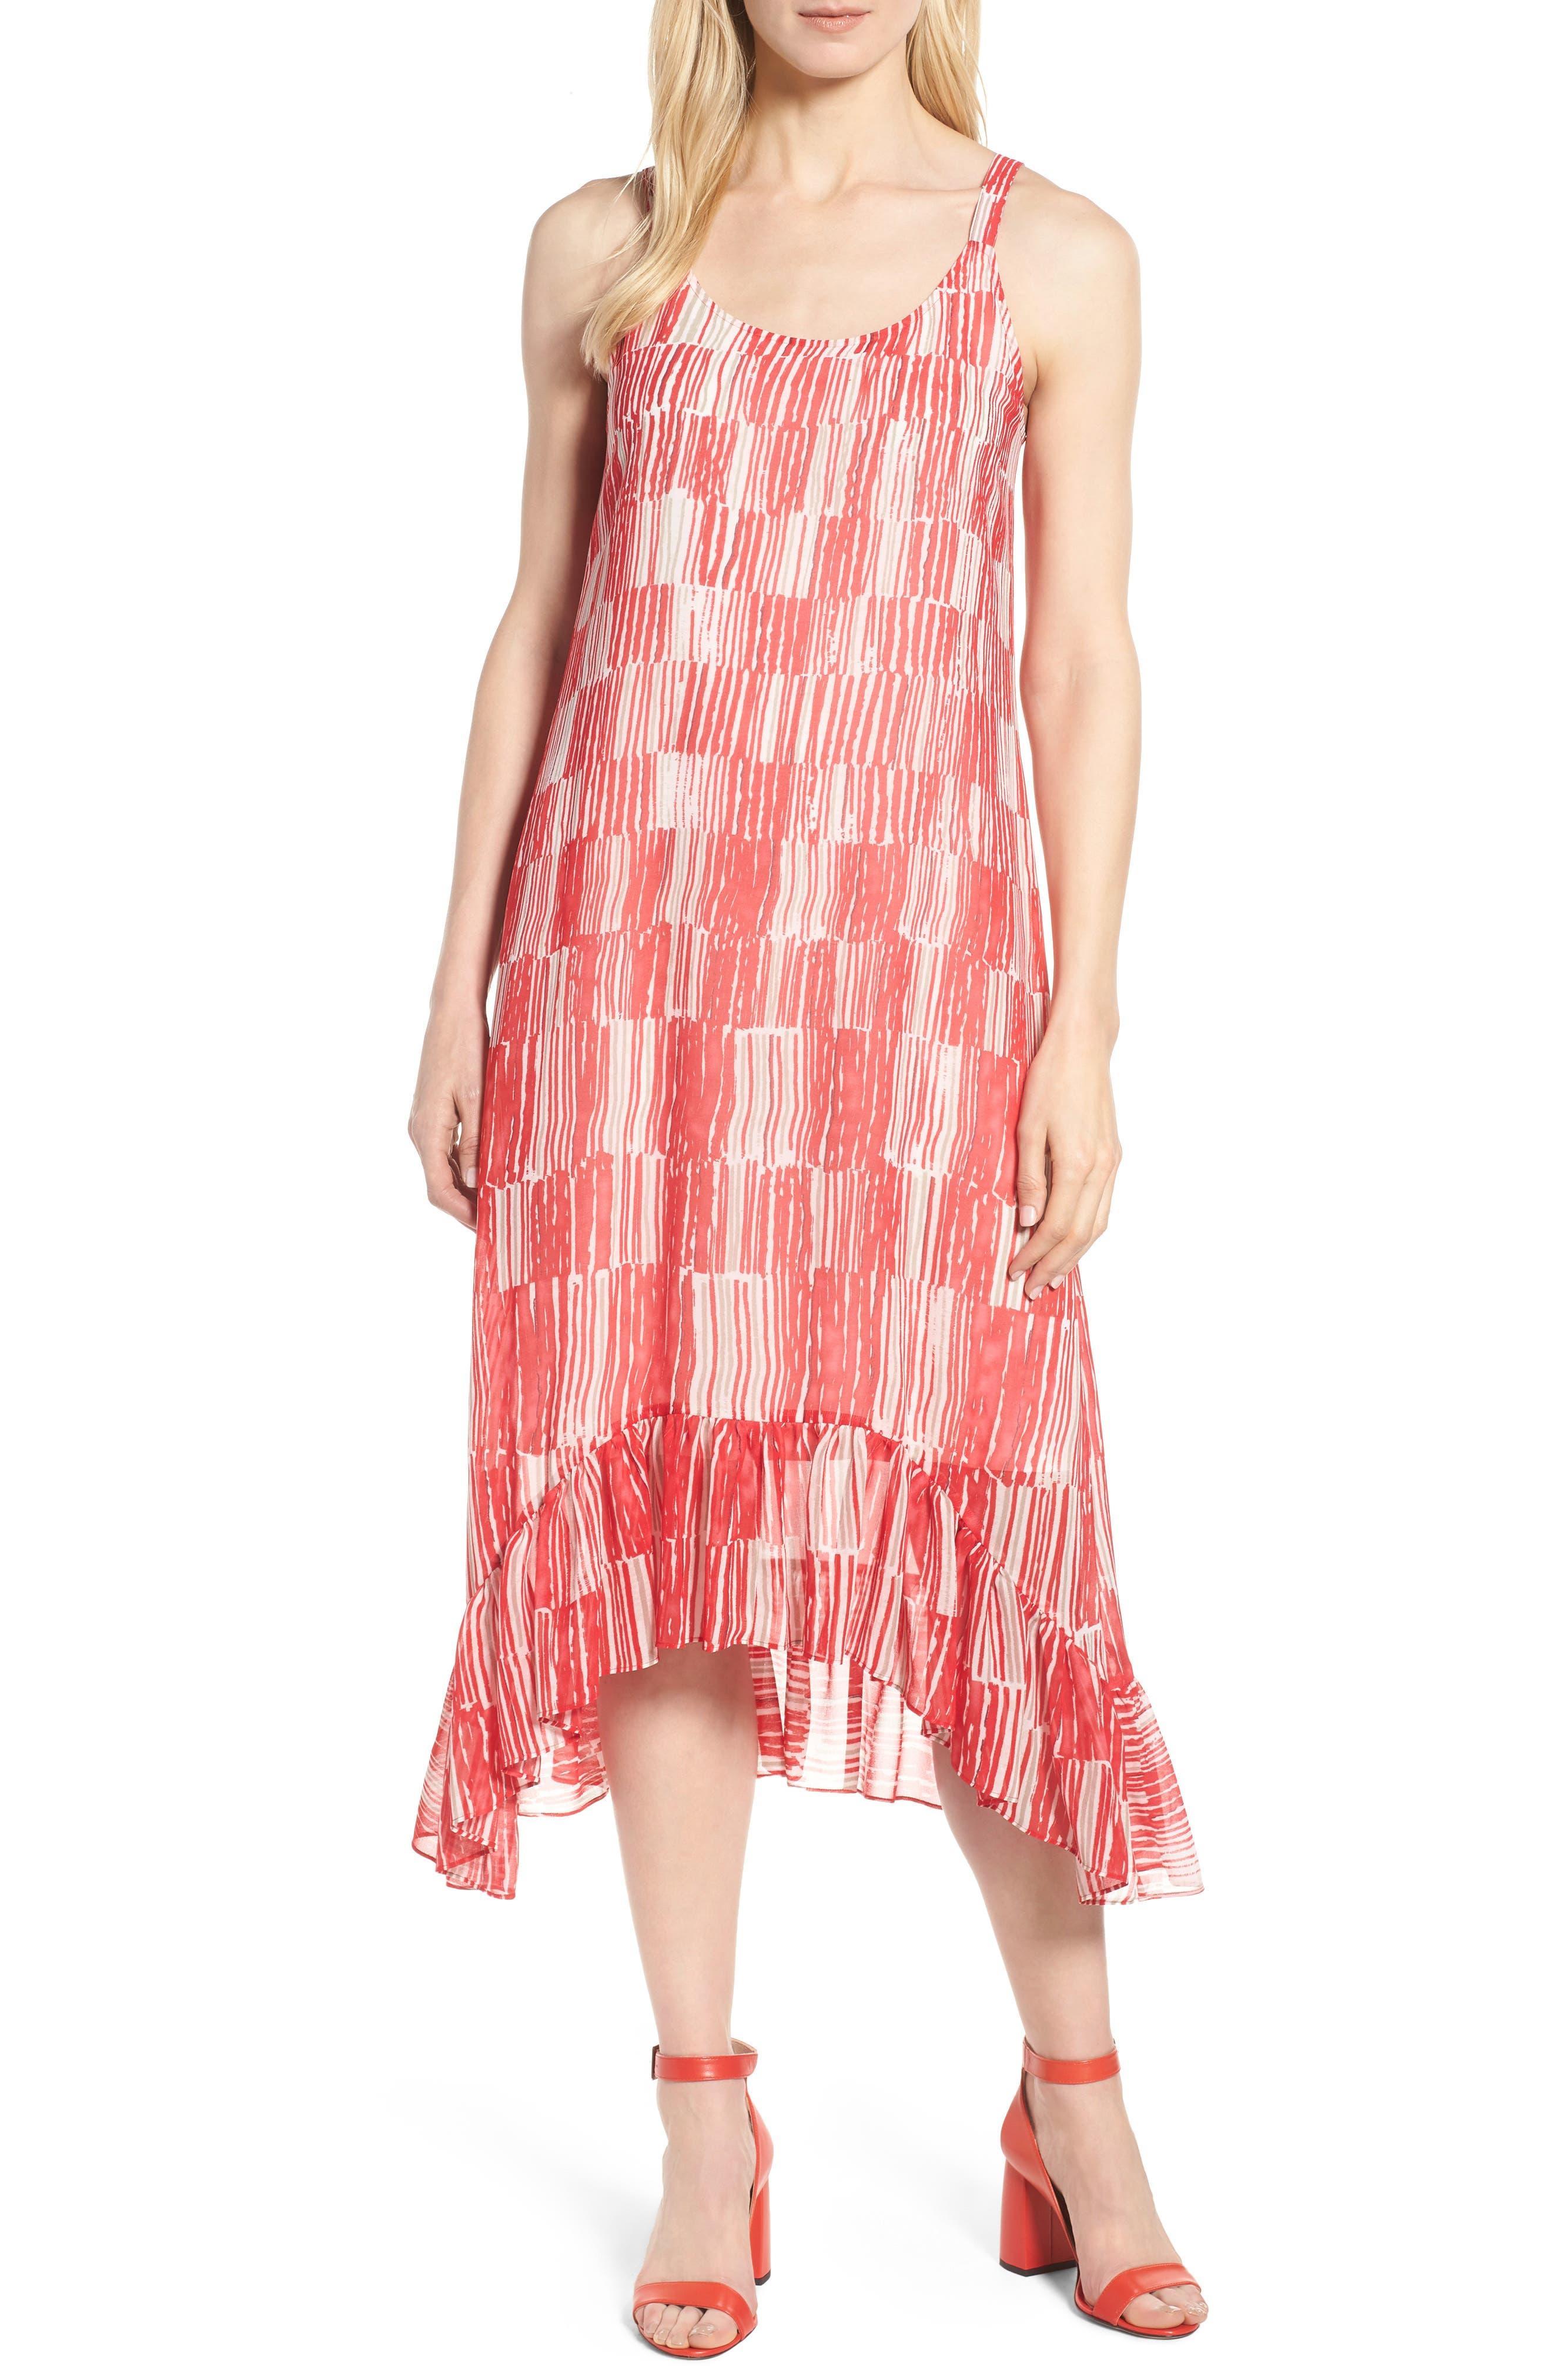 Zambra Dress,                             Main thumbnail 1, color,                             Multi